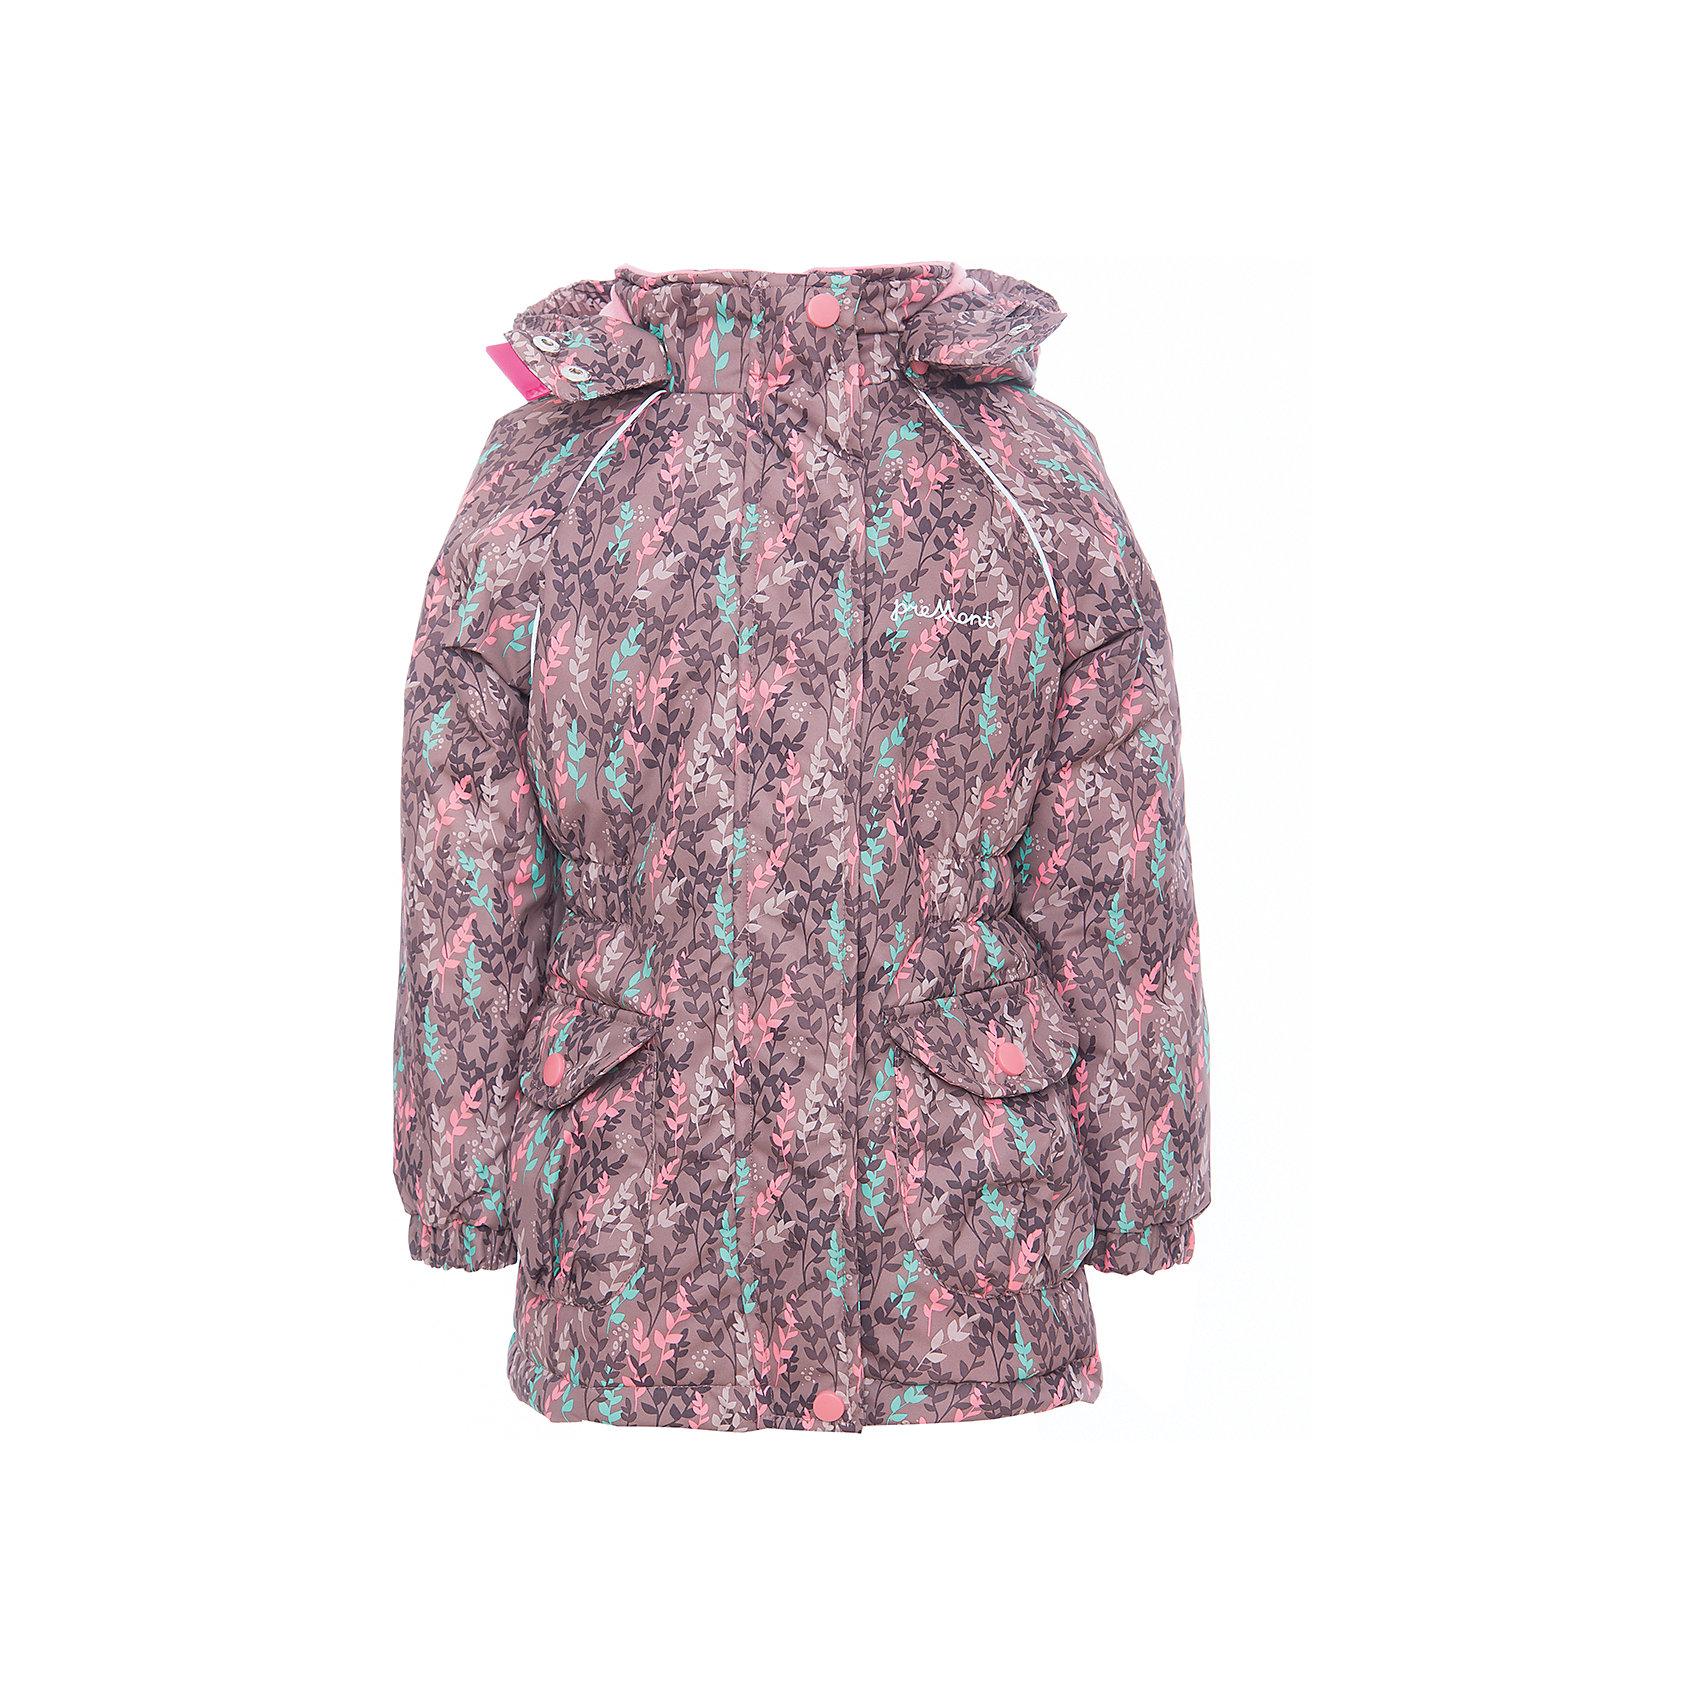 Парка для девочки PremontВерхняя одежда<br>Характеристики товара:<br><br>• цвет: розовый<br>• материал верха: 100% полиэстер, мембрана 3000 мм/ 3000 г/м ?/24h<br>• подкладка - тафетта, трикотаж с ворсом на воротнике и в капюшоне<br>• утеплитель - Tech-Polyfill, 120 г/м2<br>• температурный режим: от -5° С до +10° С<br>• водонепроницаемый материал<br>• съемный капюшон<br>• защита подбородка<br>• эластичные манжеты<br>• комфортная посадка<br>• светоотражающие элементы<br>• молния<br>• страна бренда: Канада<br><br>Демисезонная парка защитит от ветра и дождя. <br>Одежда от канадского бренда Premont пользуются популярностью во многих странах. Она стильная, качественные и удобная. Для производства продукции используются только безопасные, проверенные материалы и фурнитура. Порадуйте ребенка модными и красивыми вещами от Premont! <br><br>Парку для девочки от известного бренда Premont можно купить в нашем интернет-магазине.<br><br>Ширина мм: 356<br>Глубина мм: 10<br>Высота мм: 245<br>Вес г: 519<br>Цвет: коричневый<br>Возраст от месяцев: 108<br>Возраст до месяцев: 120<br>Пол: Женский<br>Возраст: Детский<br>Размер: 140,104,164,152,146,134,128,122,116,110<br>SKU: 5353005